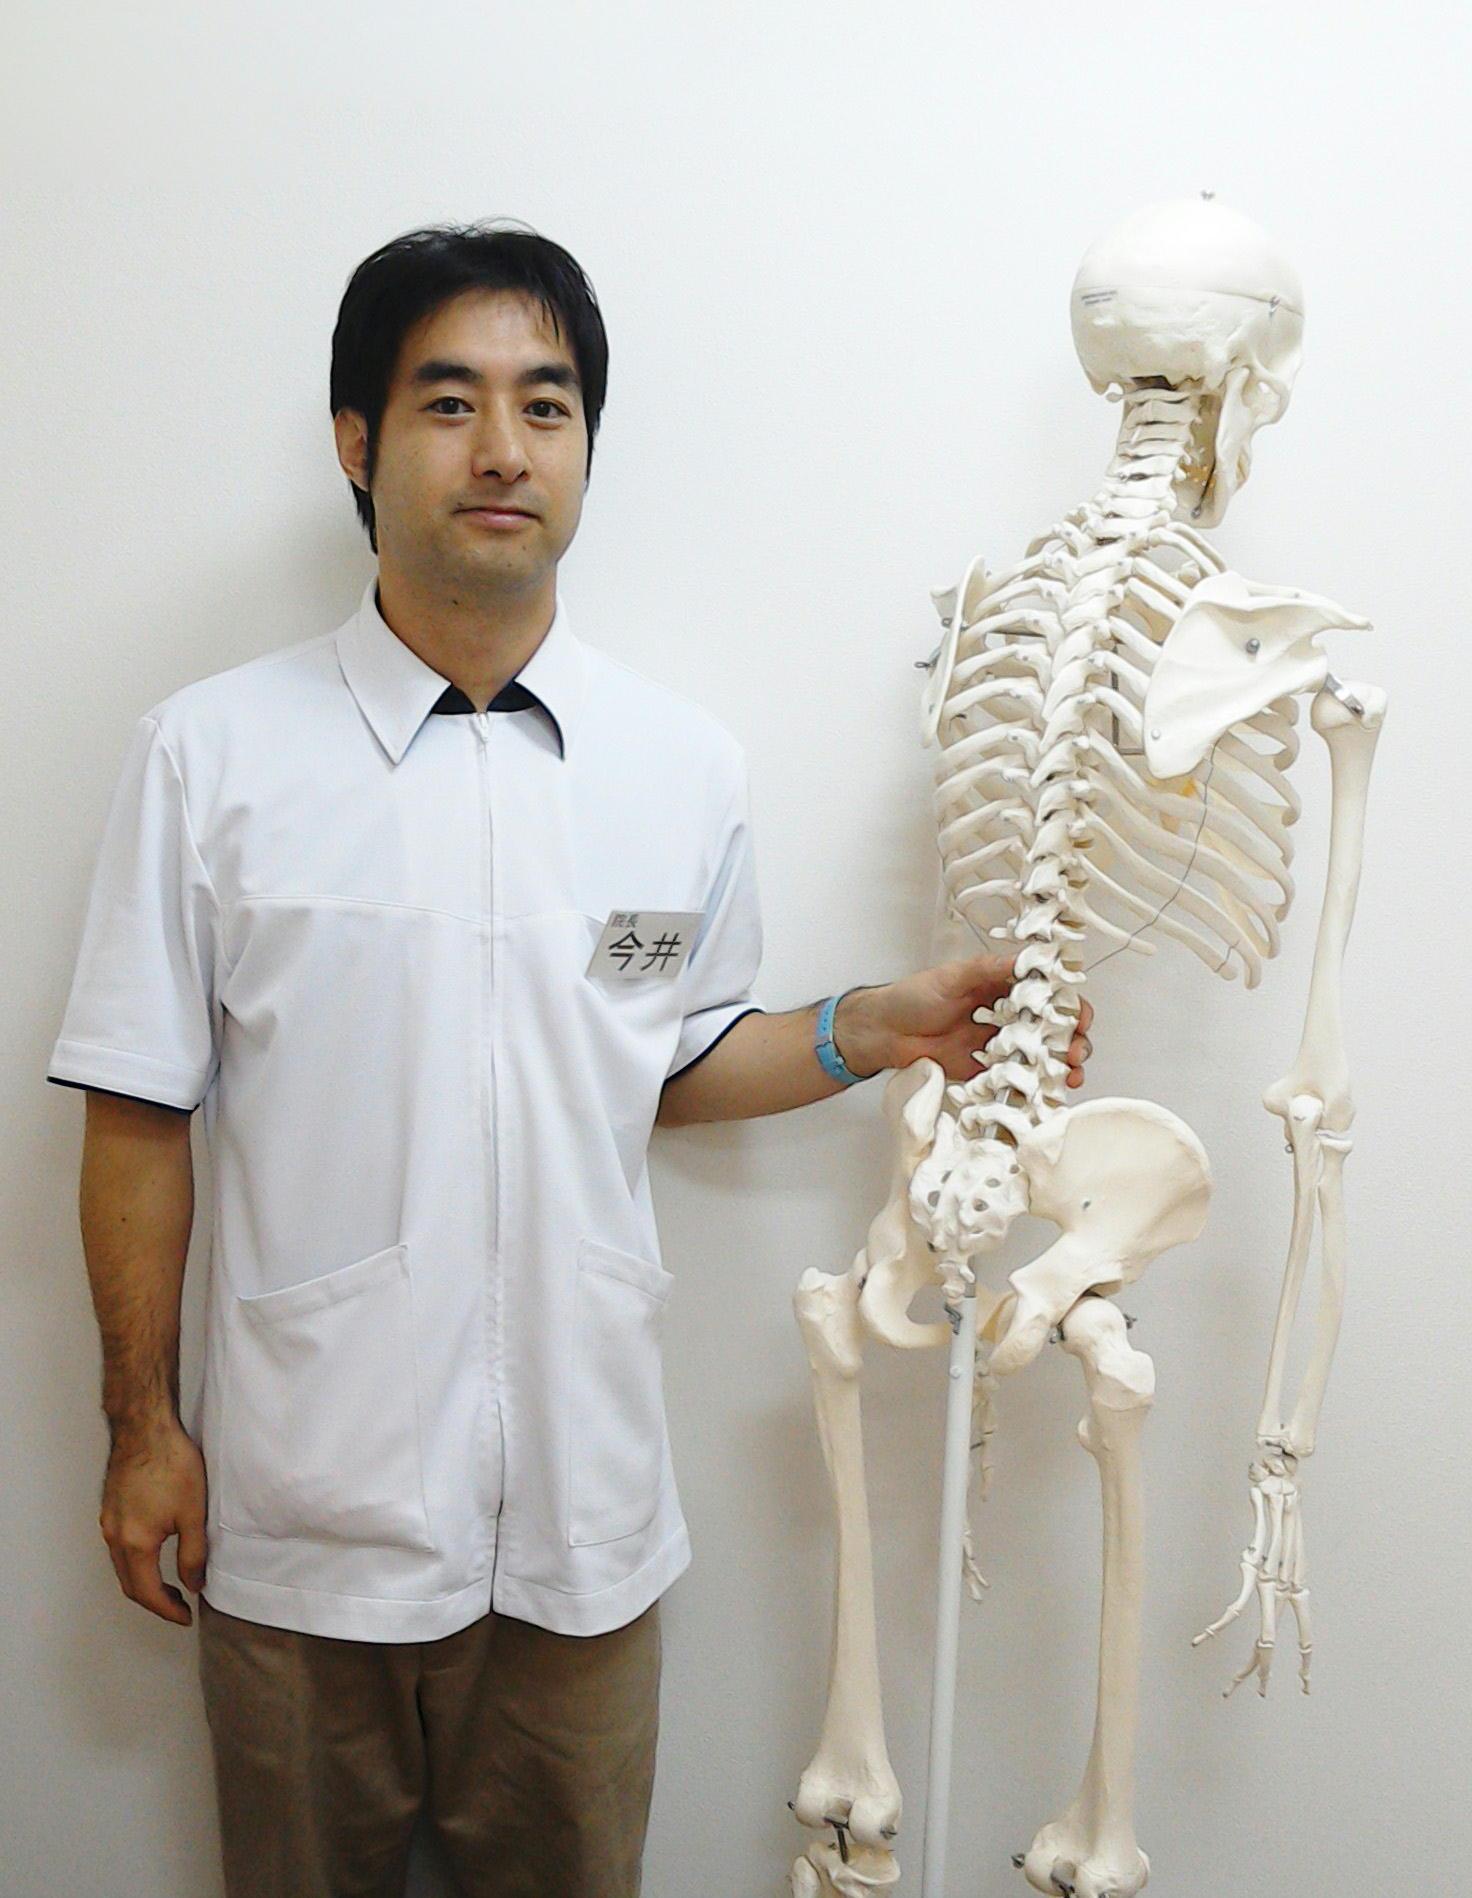 """img src=""""image1.JPG"""" alt=""""この人が西江井ヶ島を愛する院長"""""""